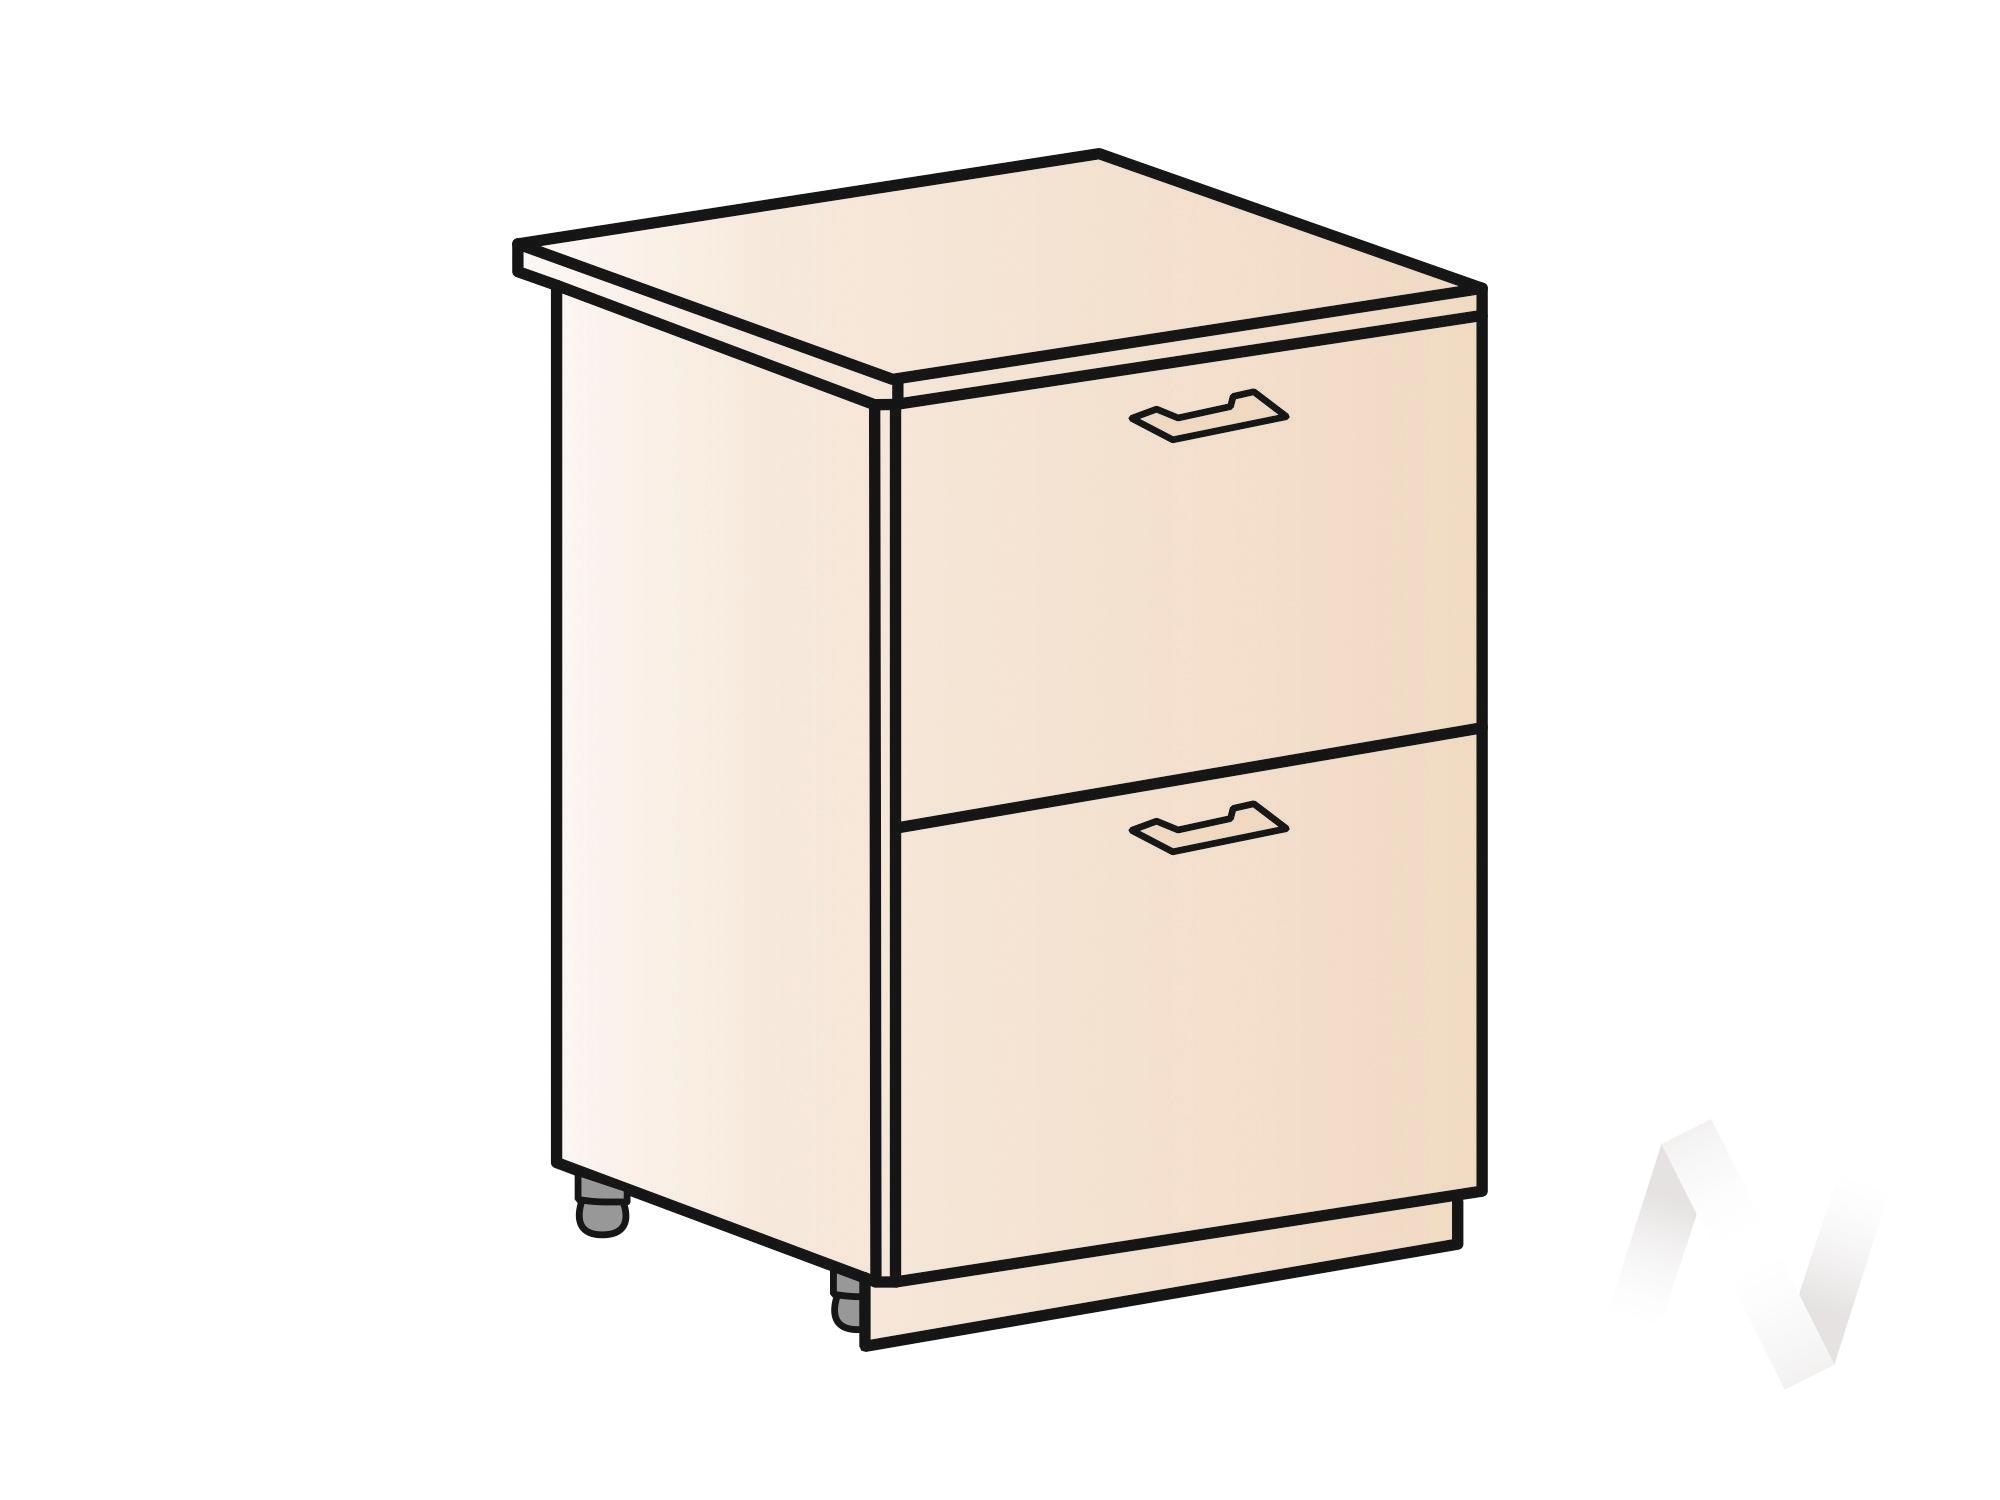 """Кухня """"Люкс"""": Шкаф нижний с 2-мя ящиками 600, ШН2Я 600 (Шоколад матовый/корпус венге) в Томске — авторская мебель Экостиль"""